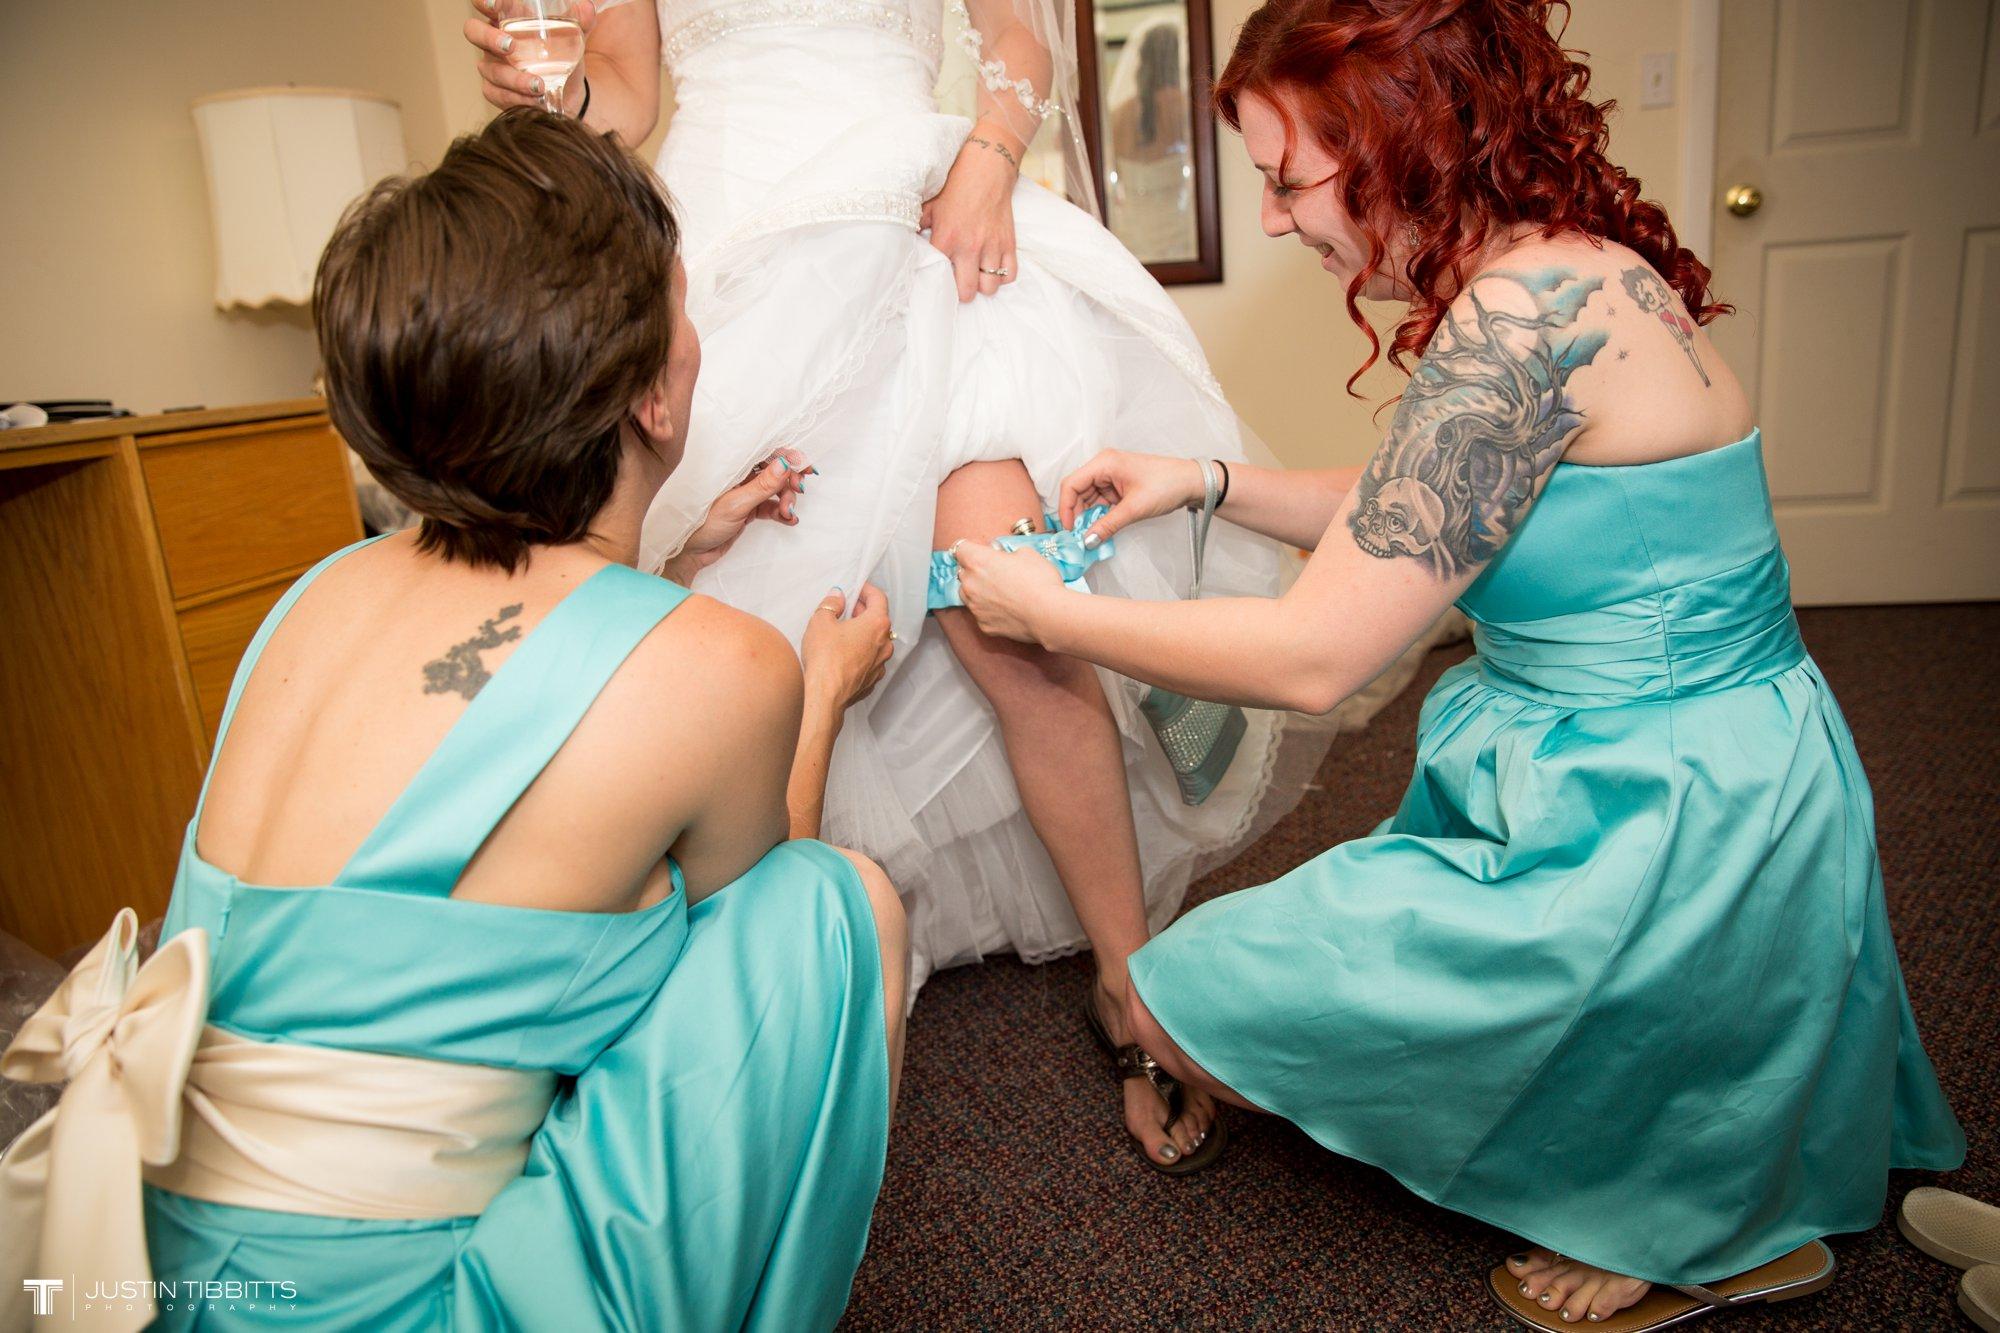 Albany NY Wedding Photographer Justin Tibbitts Photography Best of Albany NY Weddings 201449